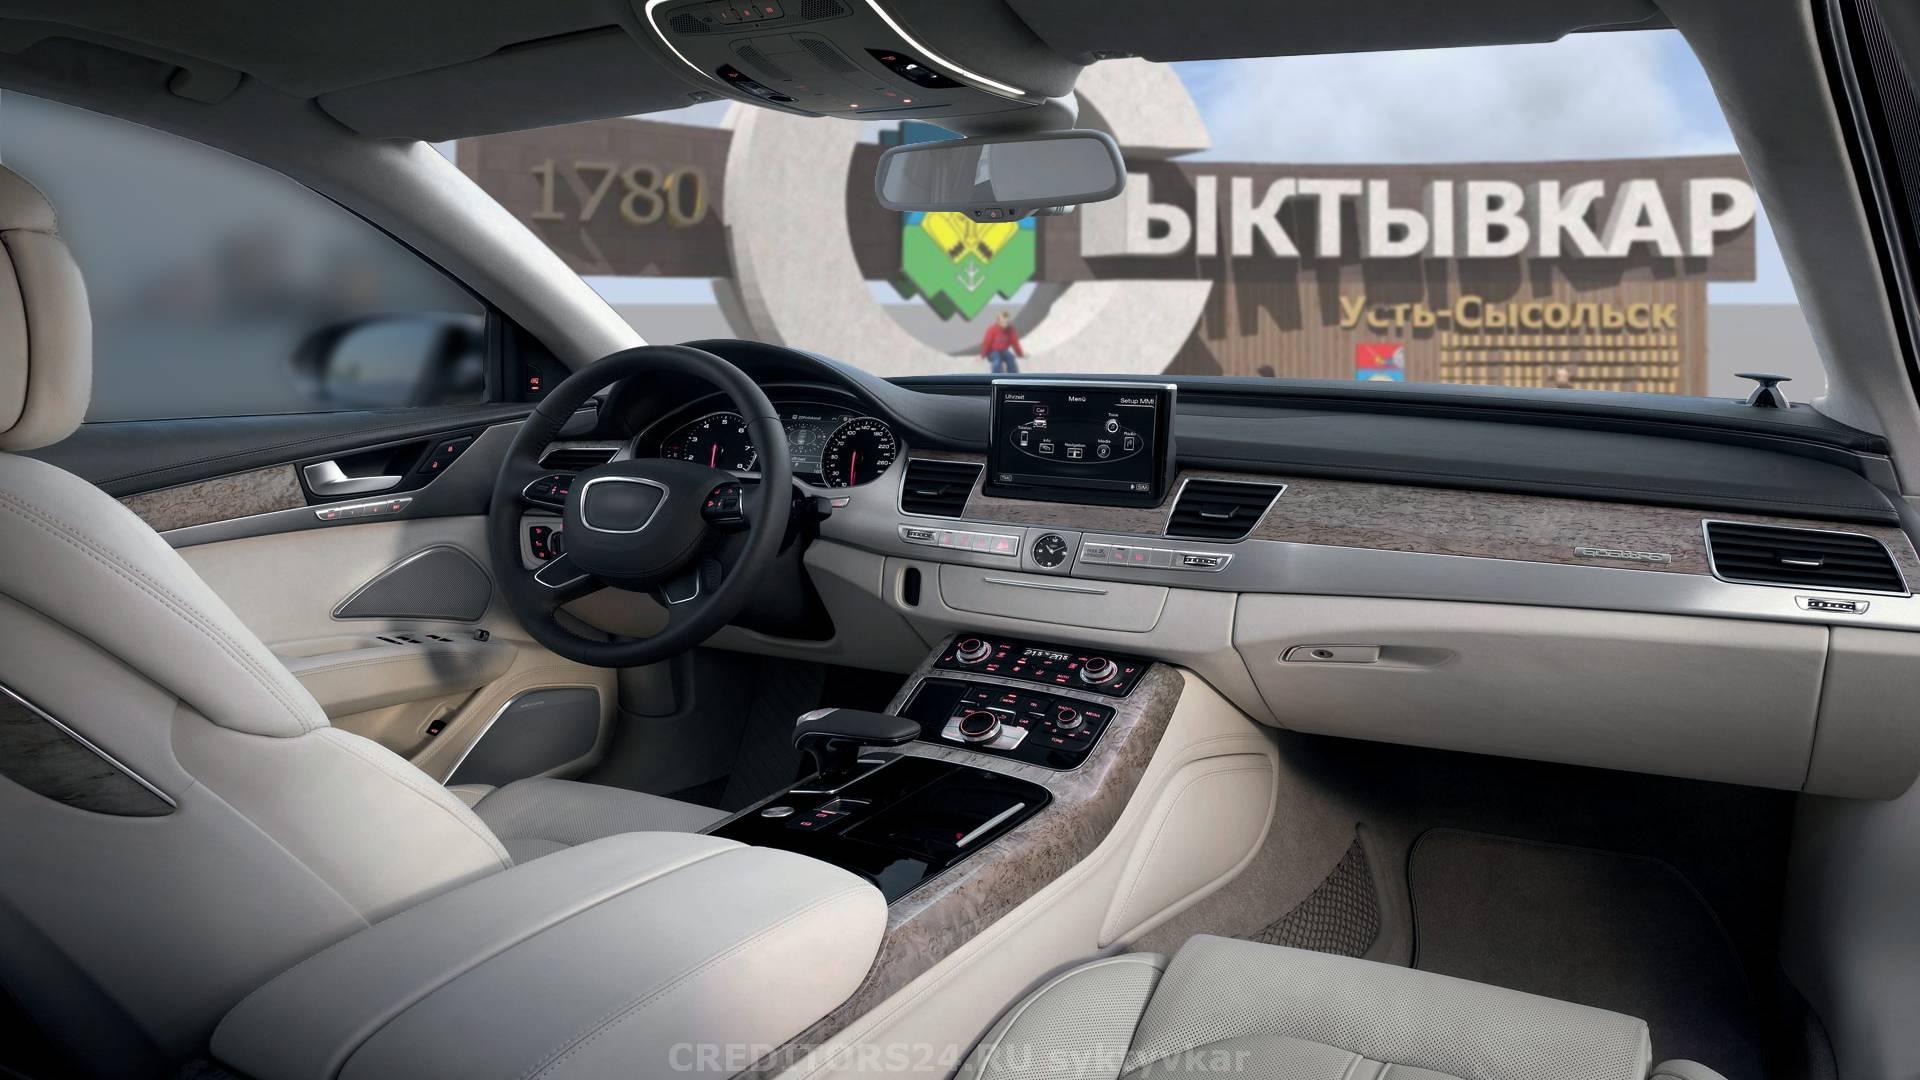 Автоломбард партнерка атц москва автосалон на каширке